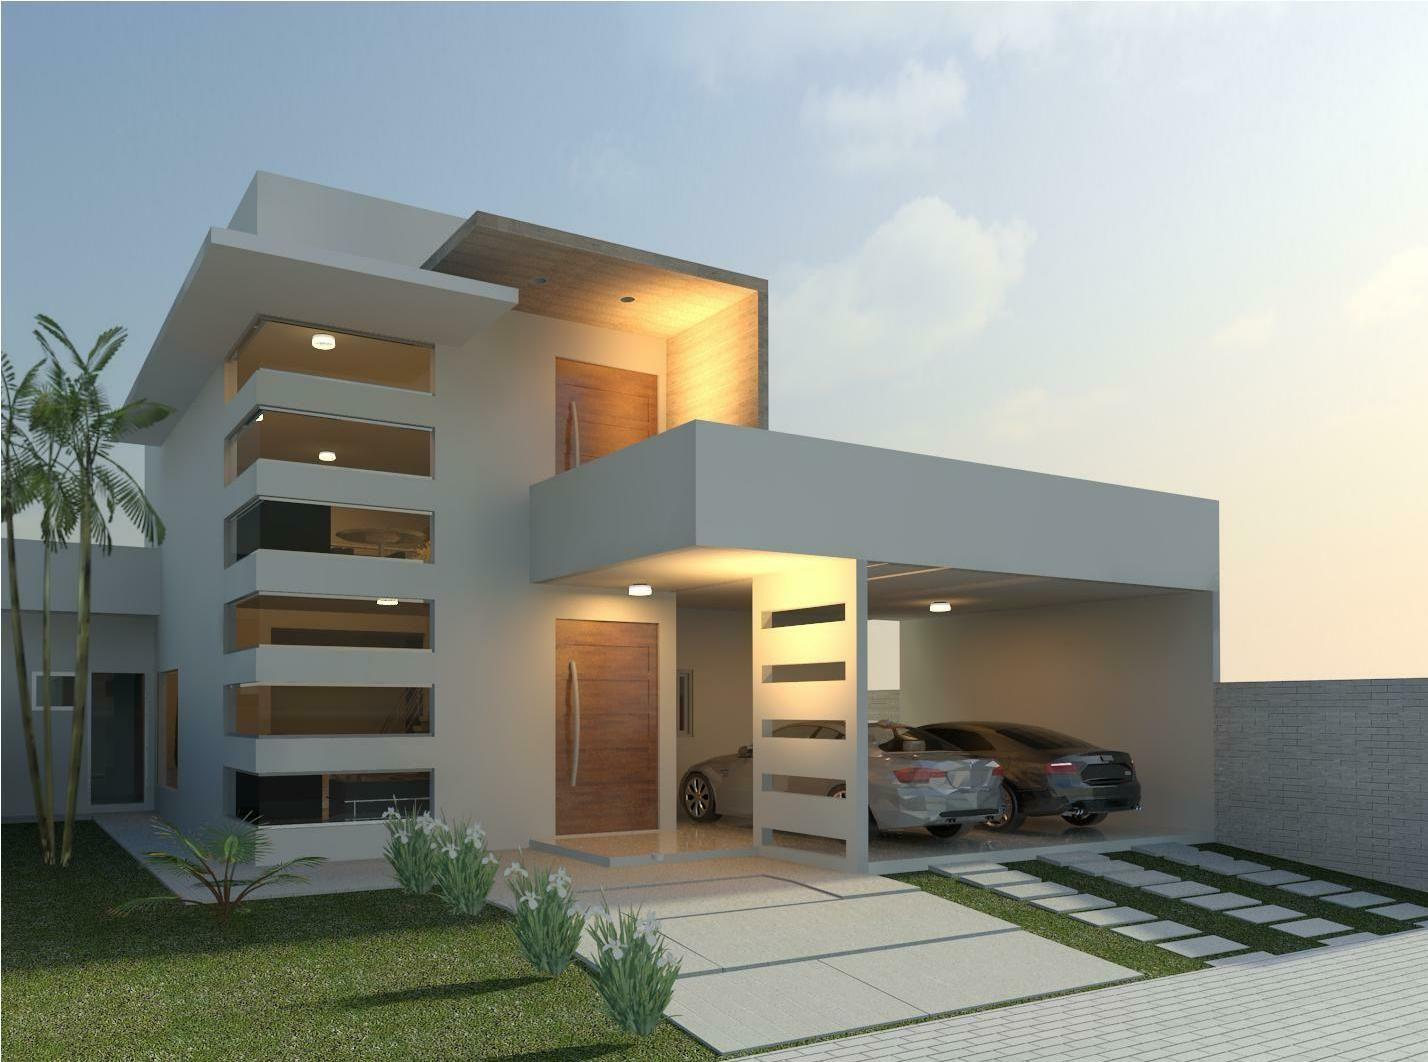 linda fachada moderna para casas - Fachadas Modernas De Casas